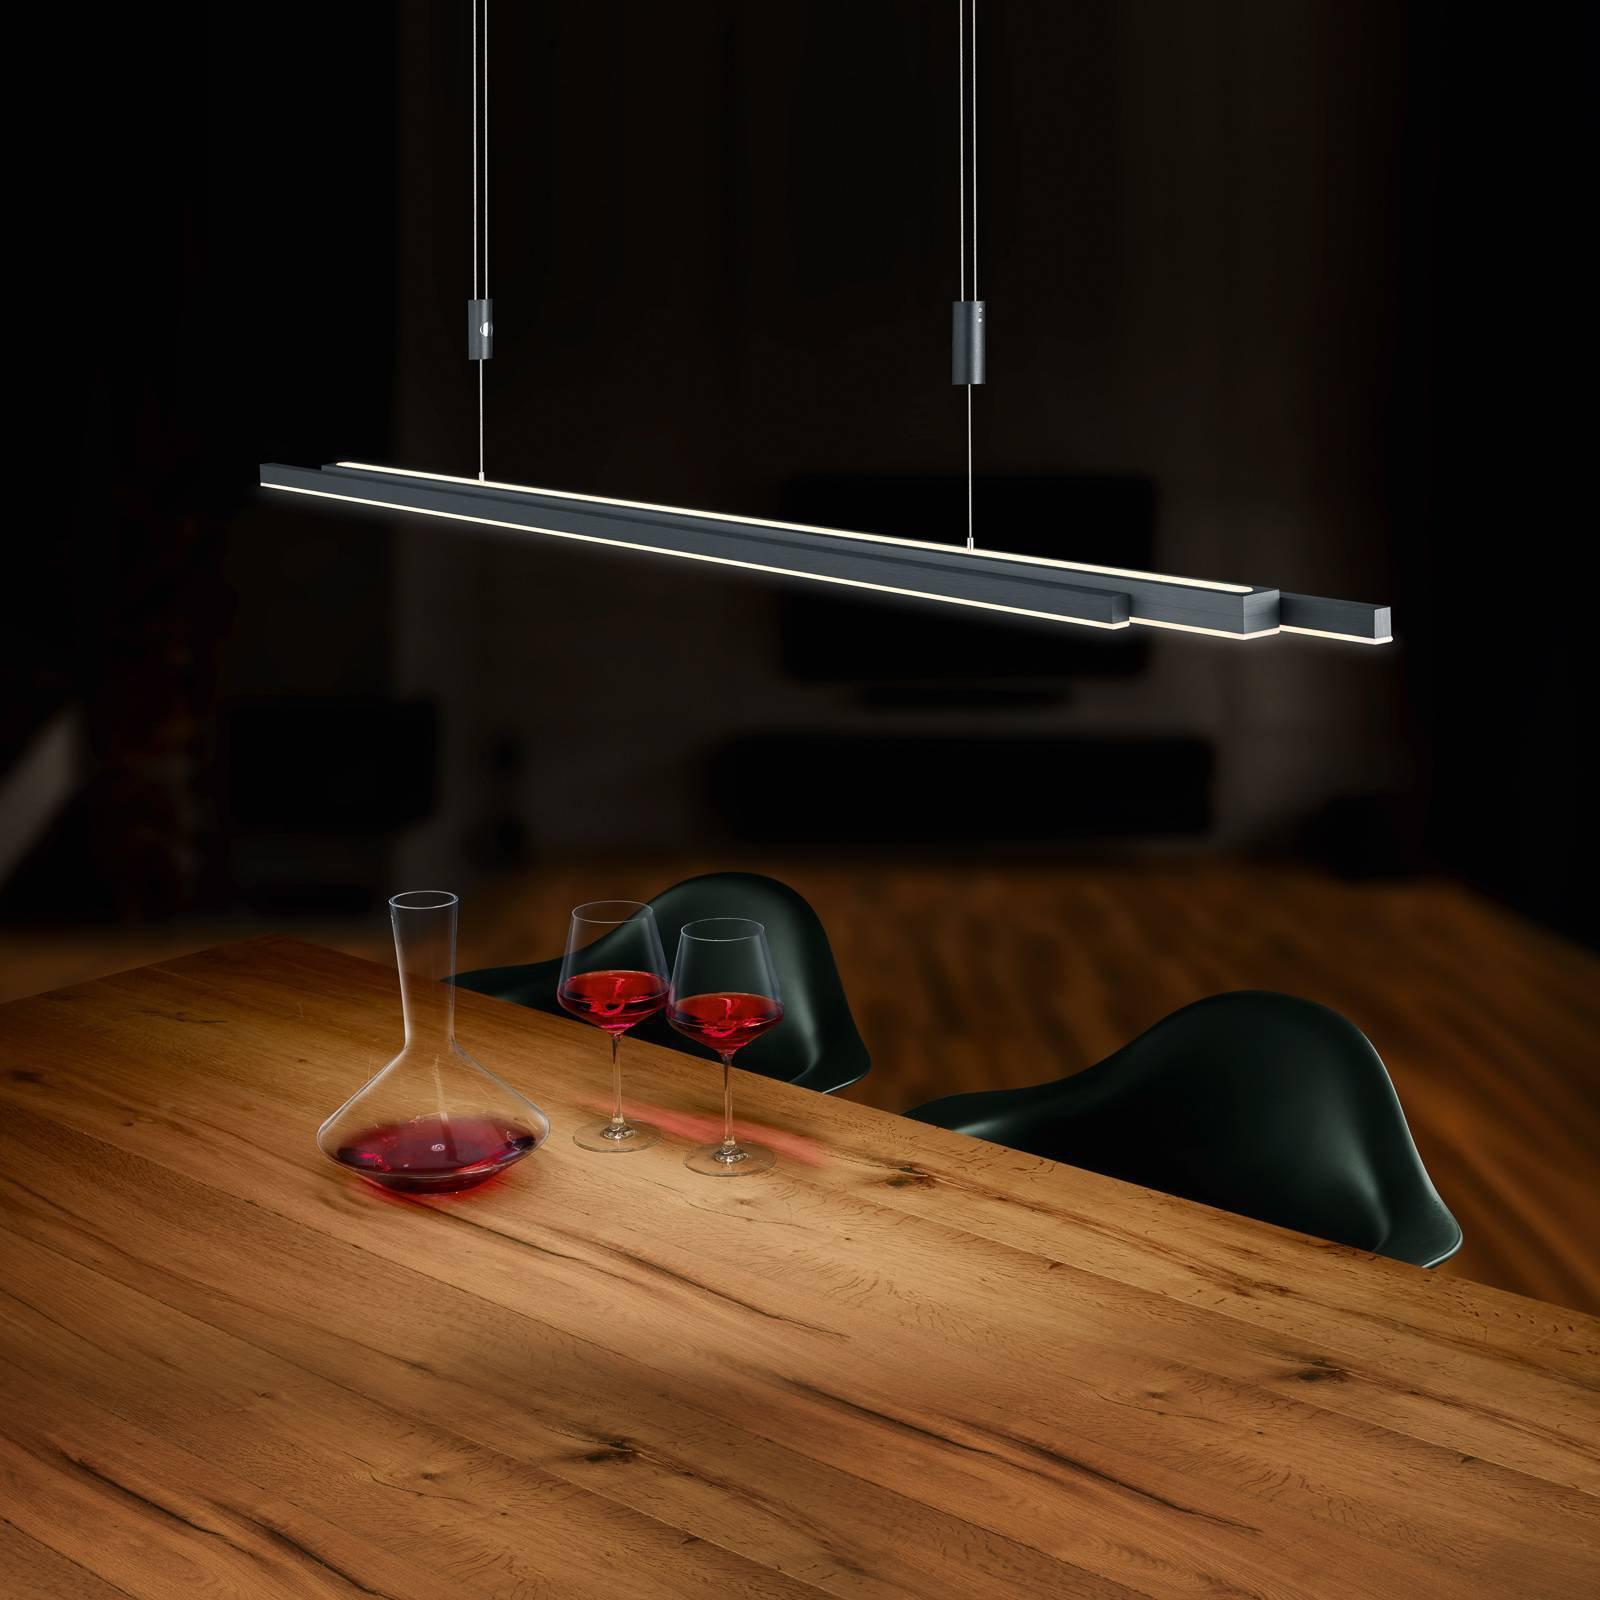 BANKAMP L-lightLINE LED-hengelampe up and down